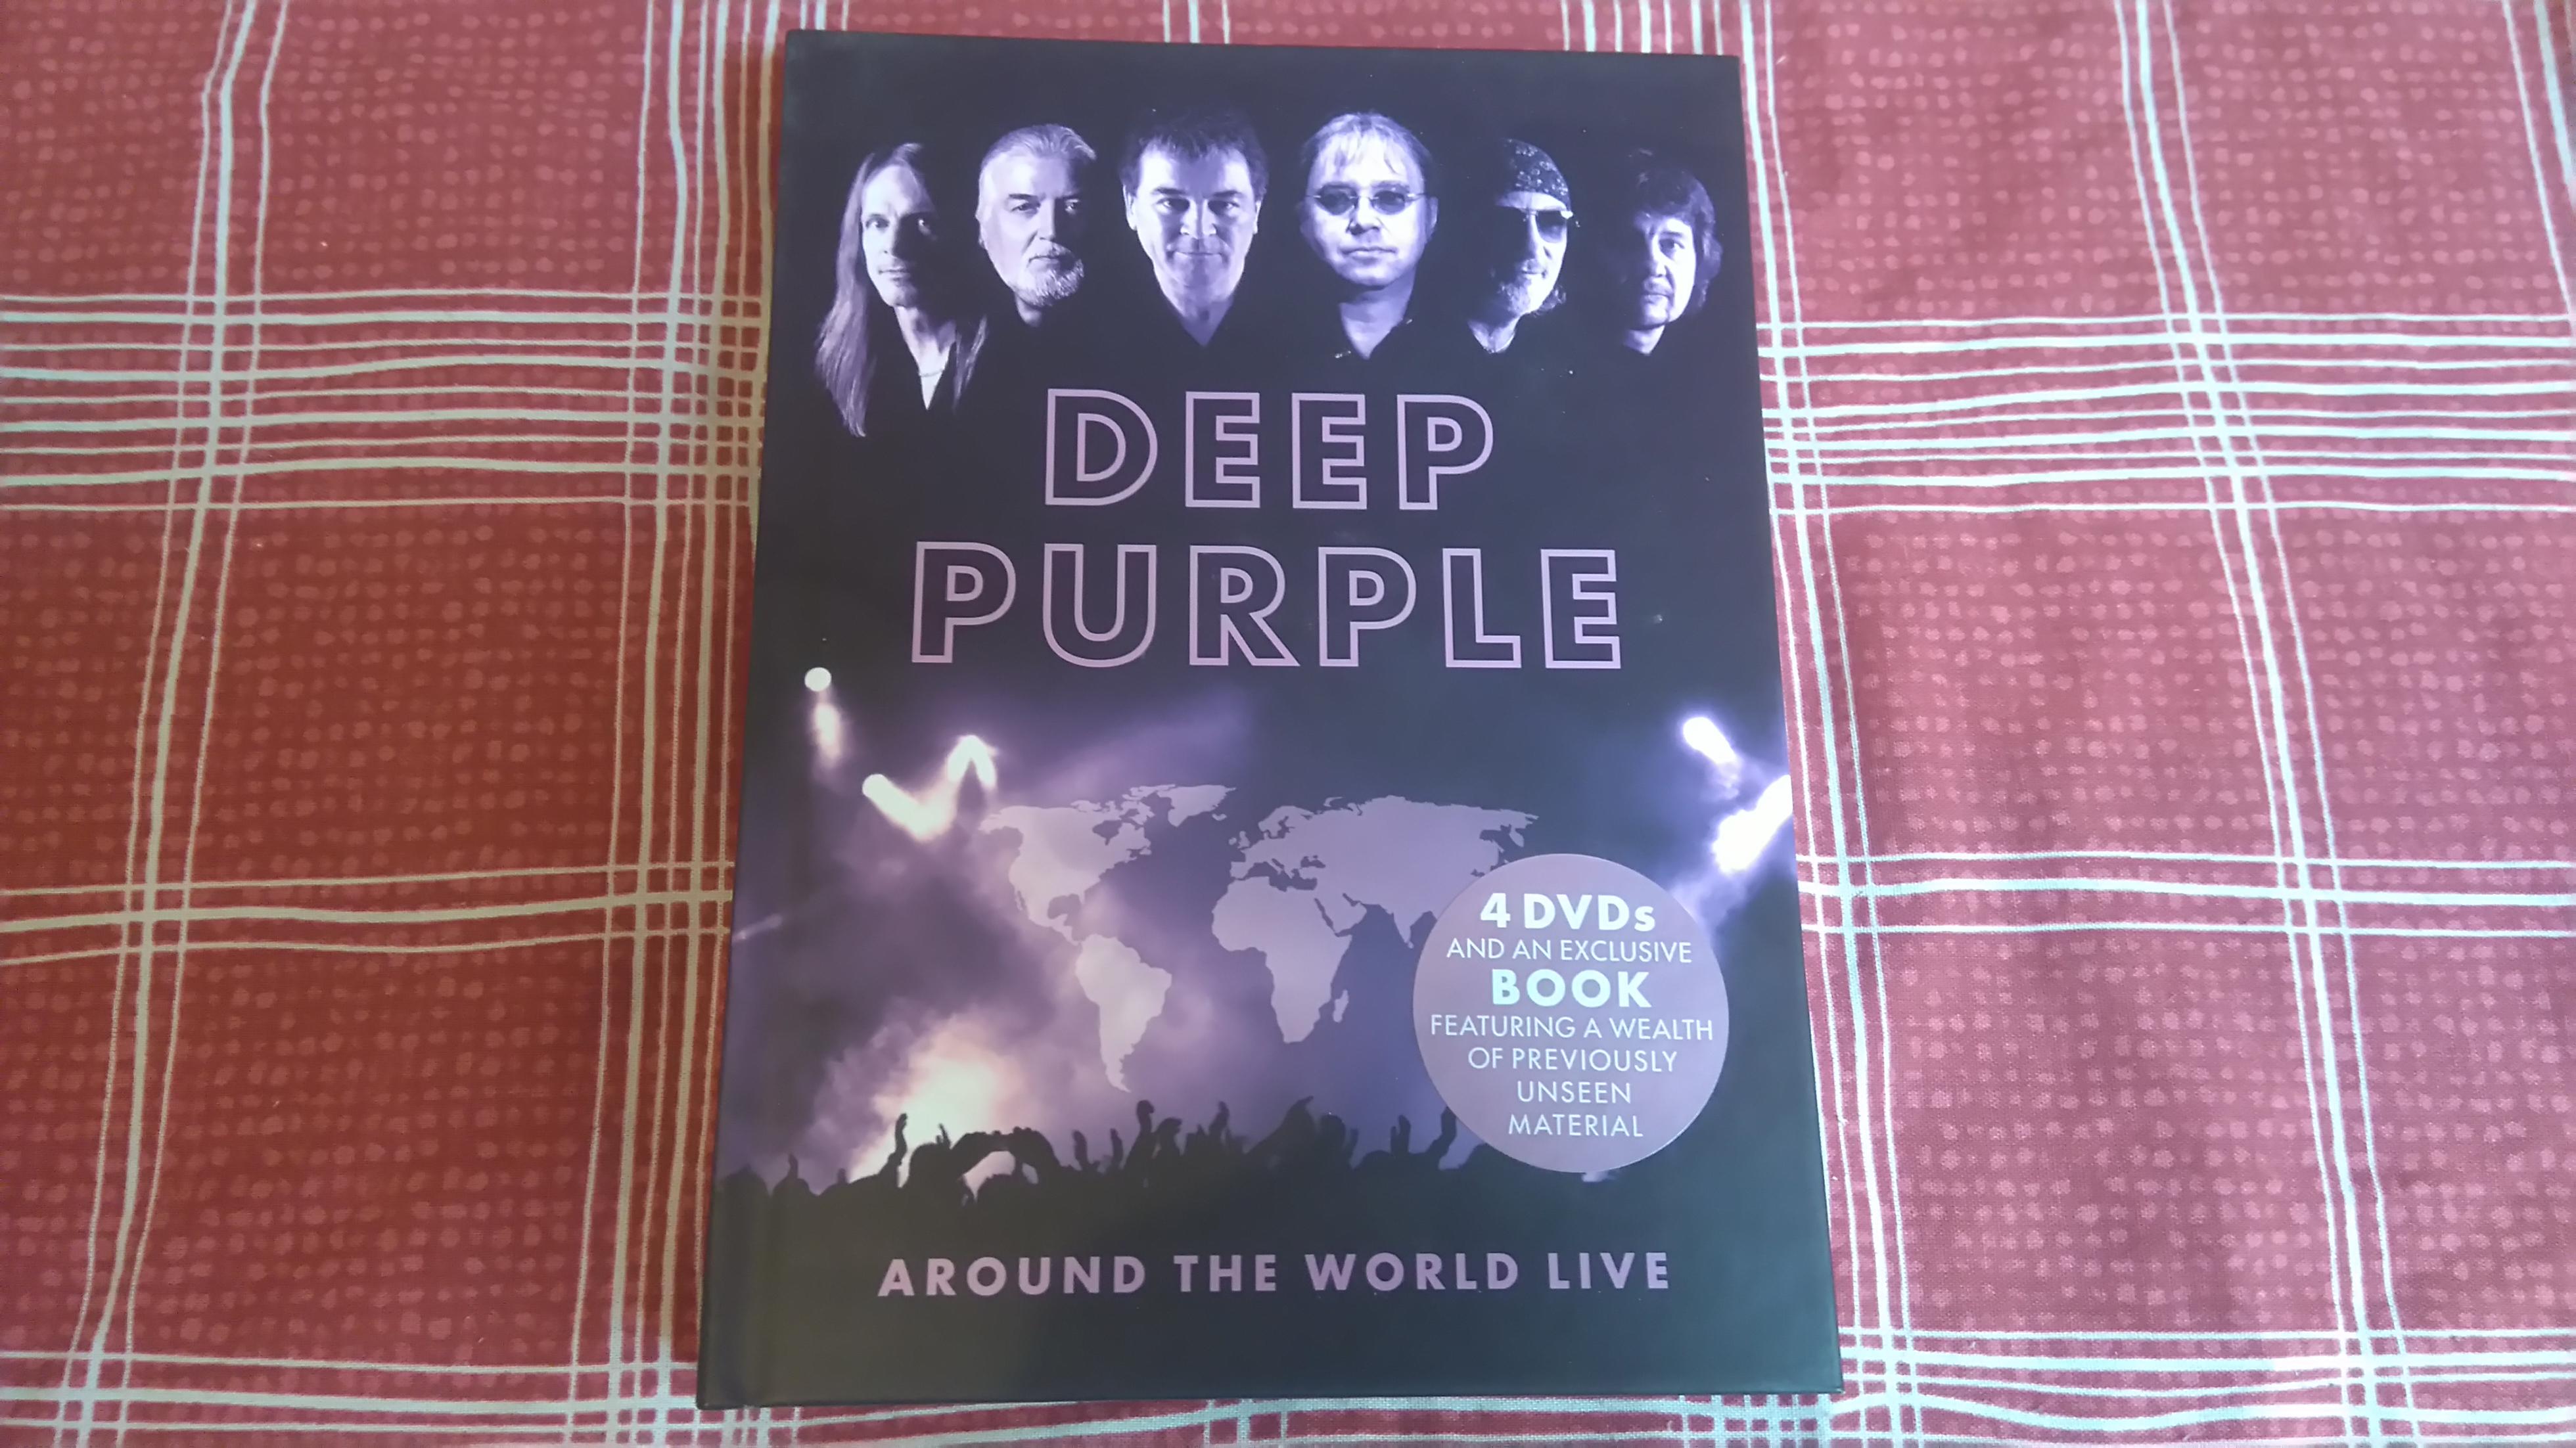 deep purple dvd.JPG